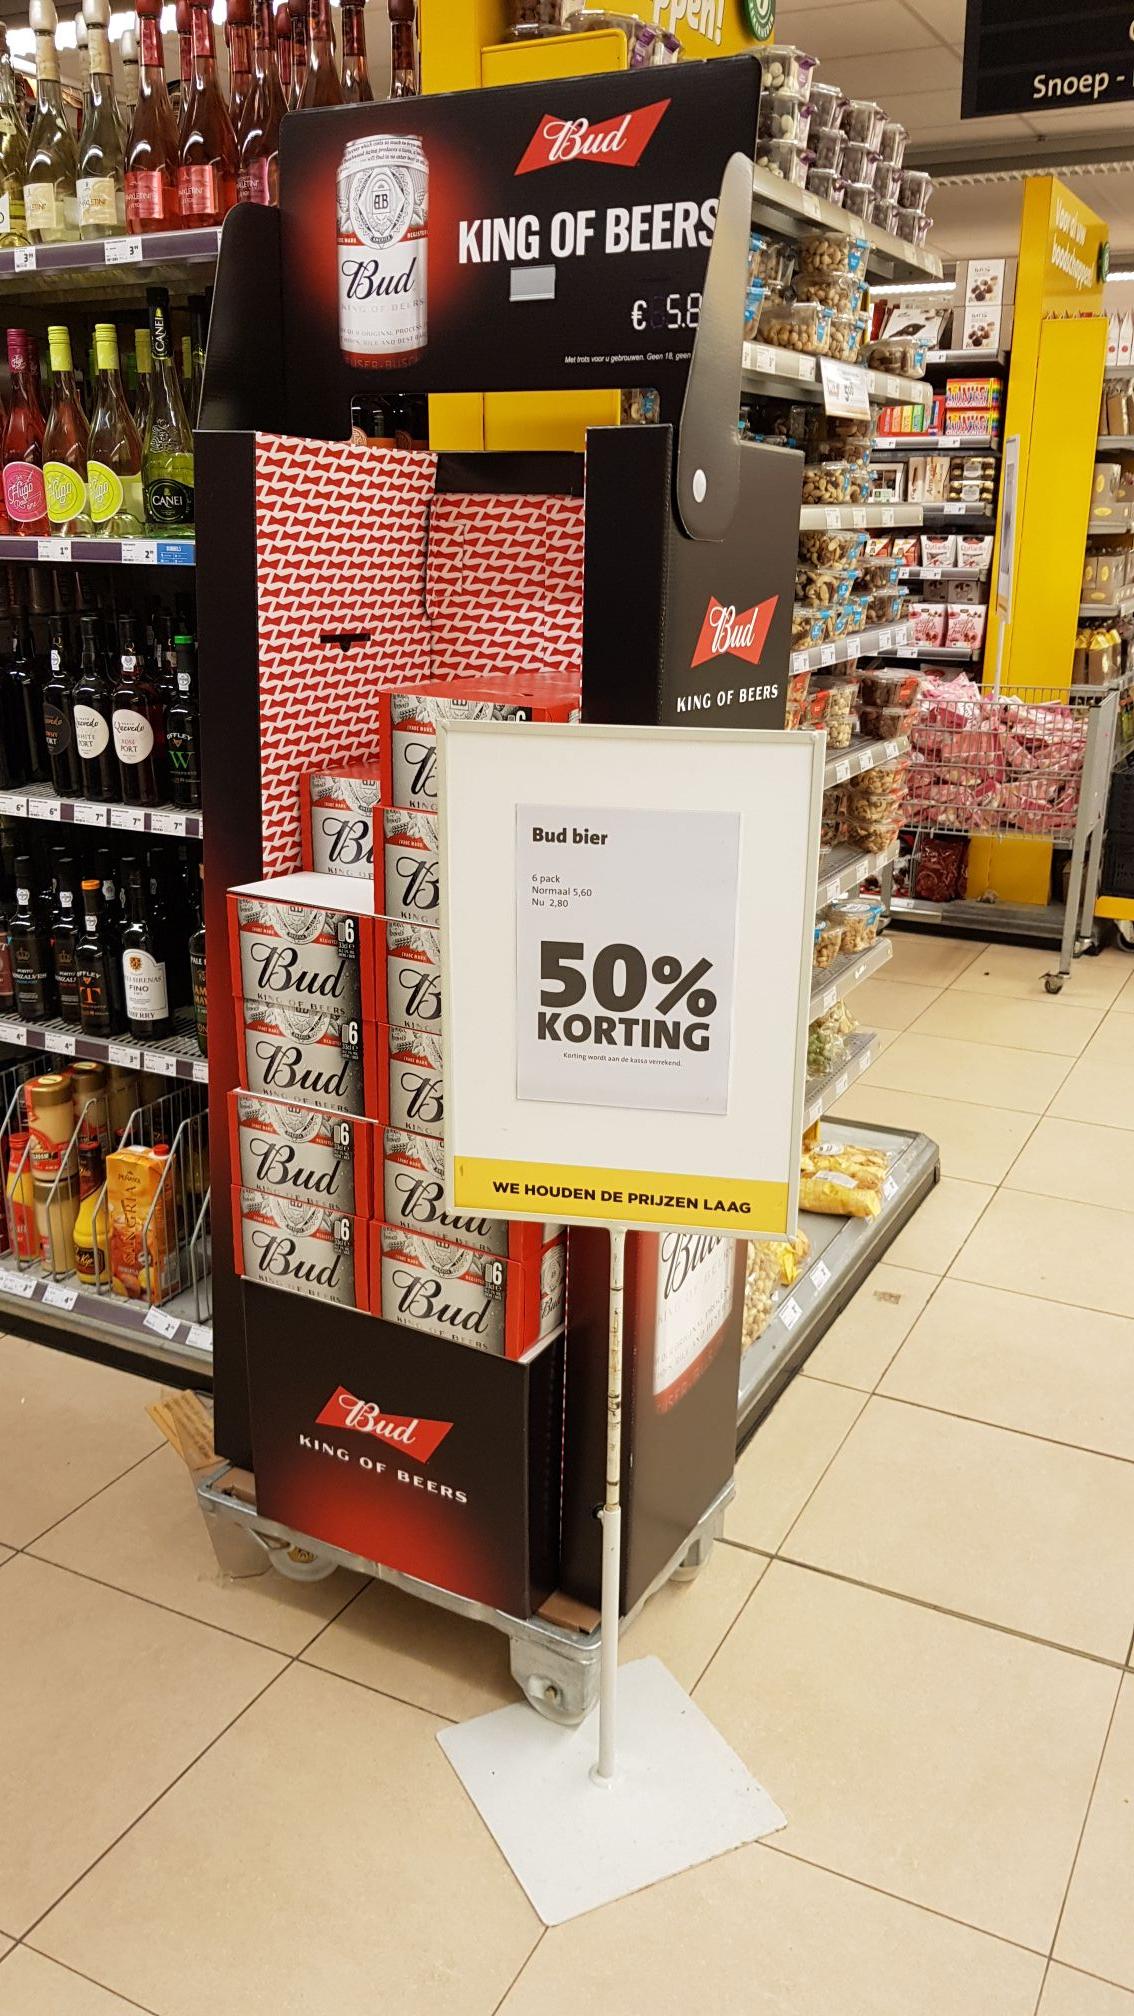 [Lokaal?]Bud bier 50% korting bij Jumbo